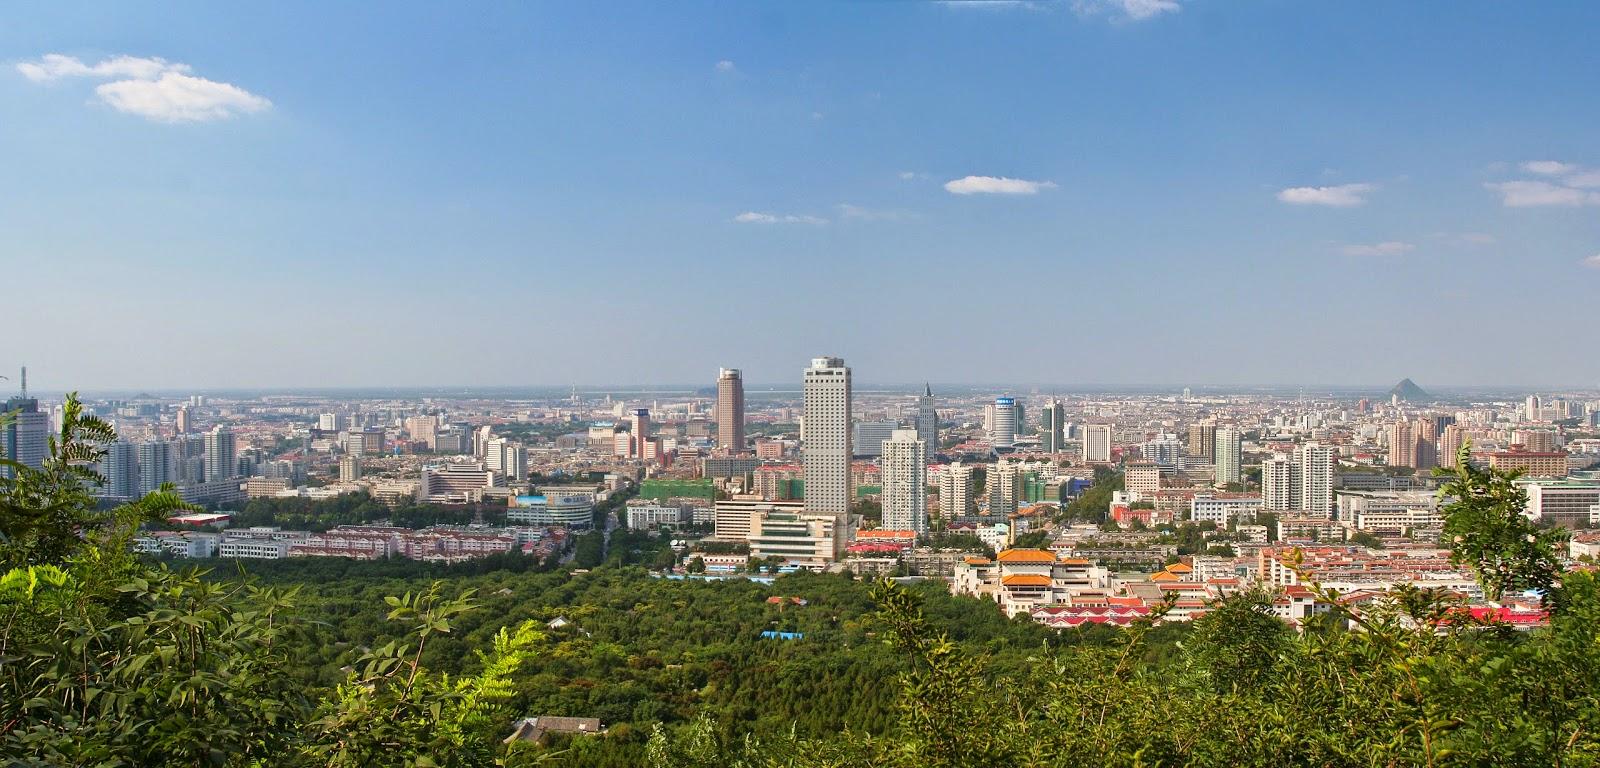 Jinan, Mt. QianFoShan